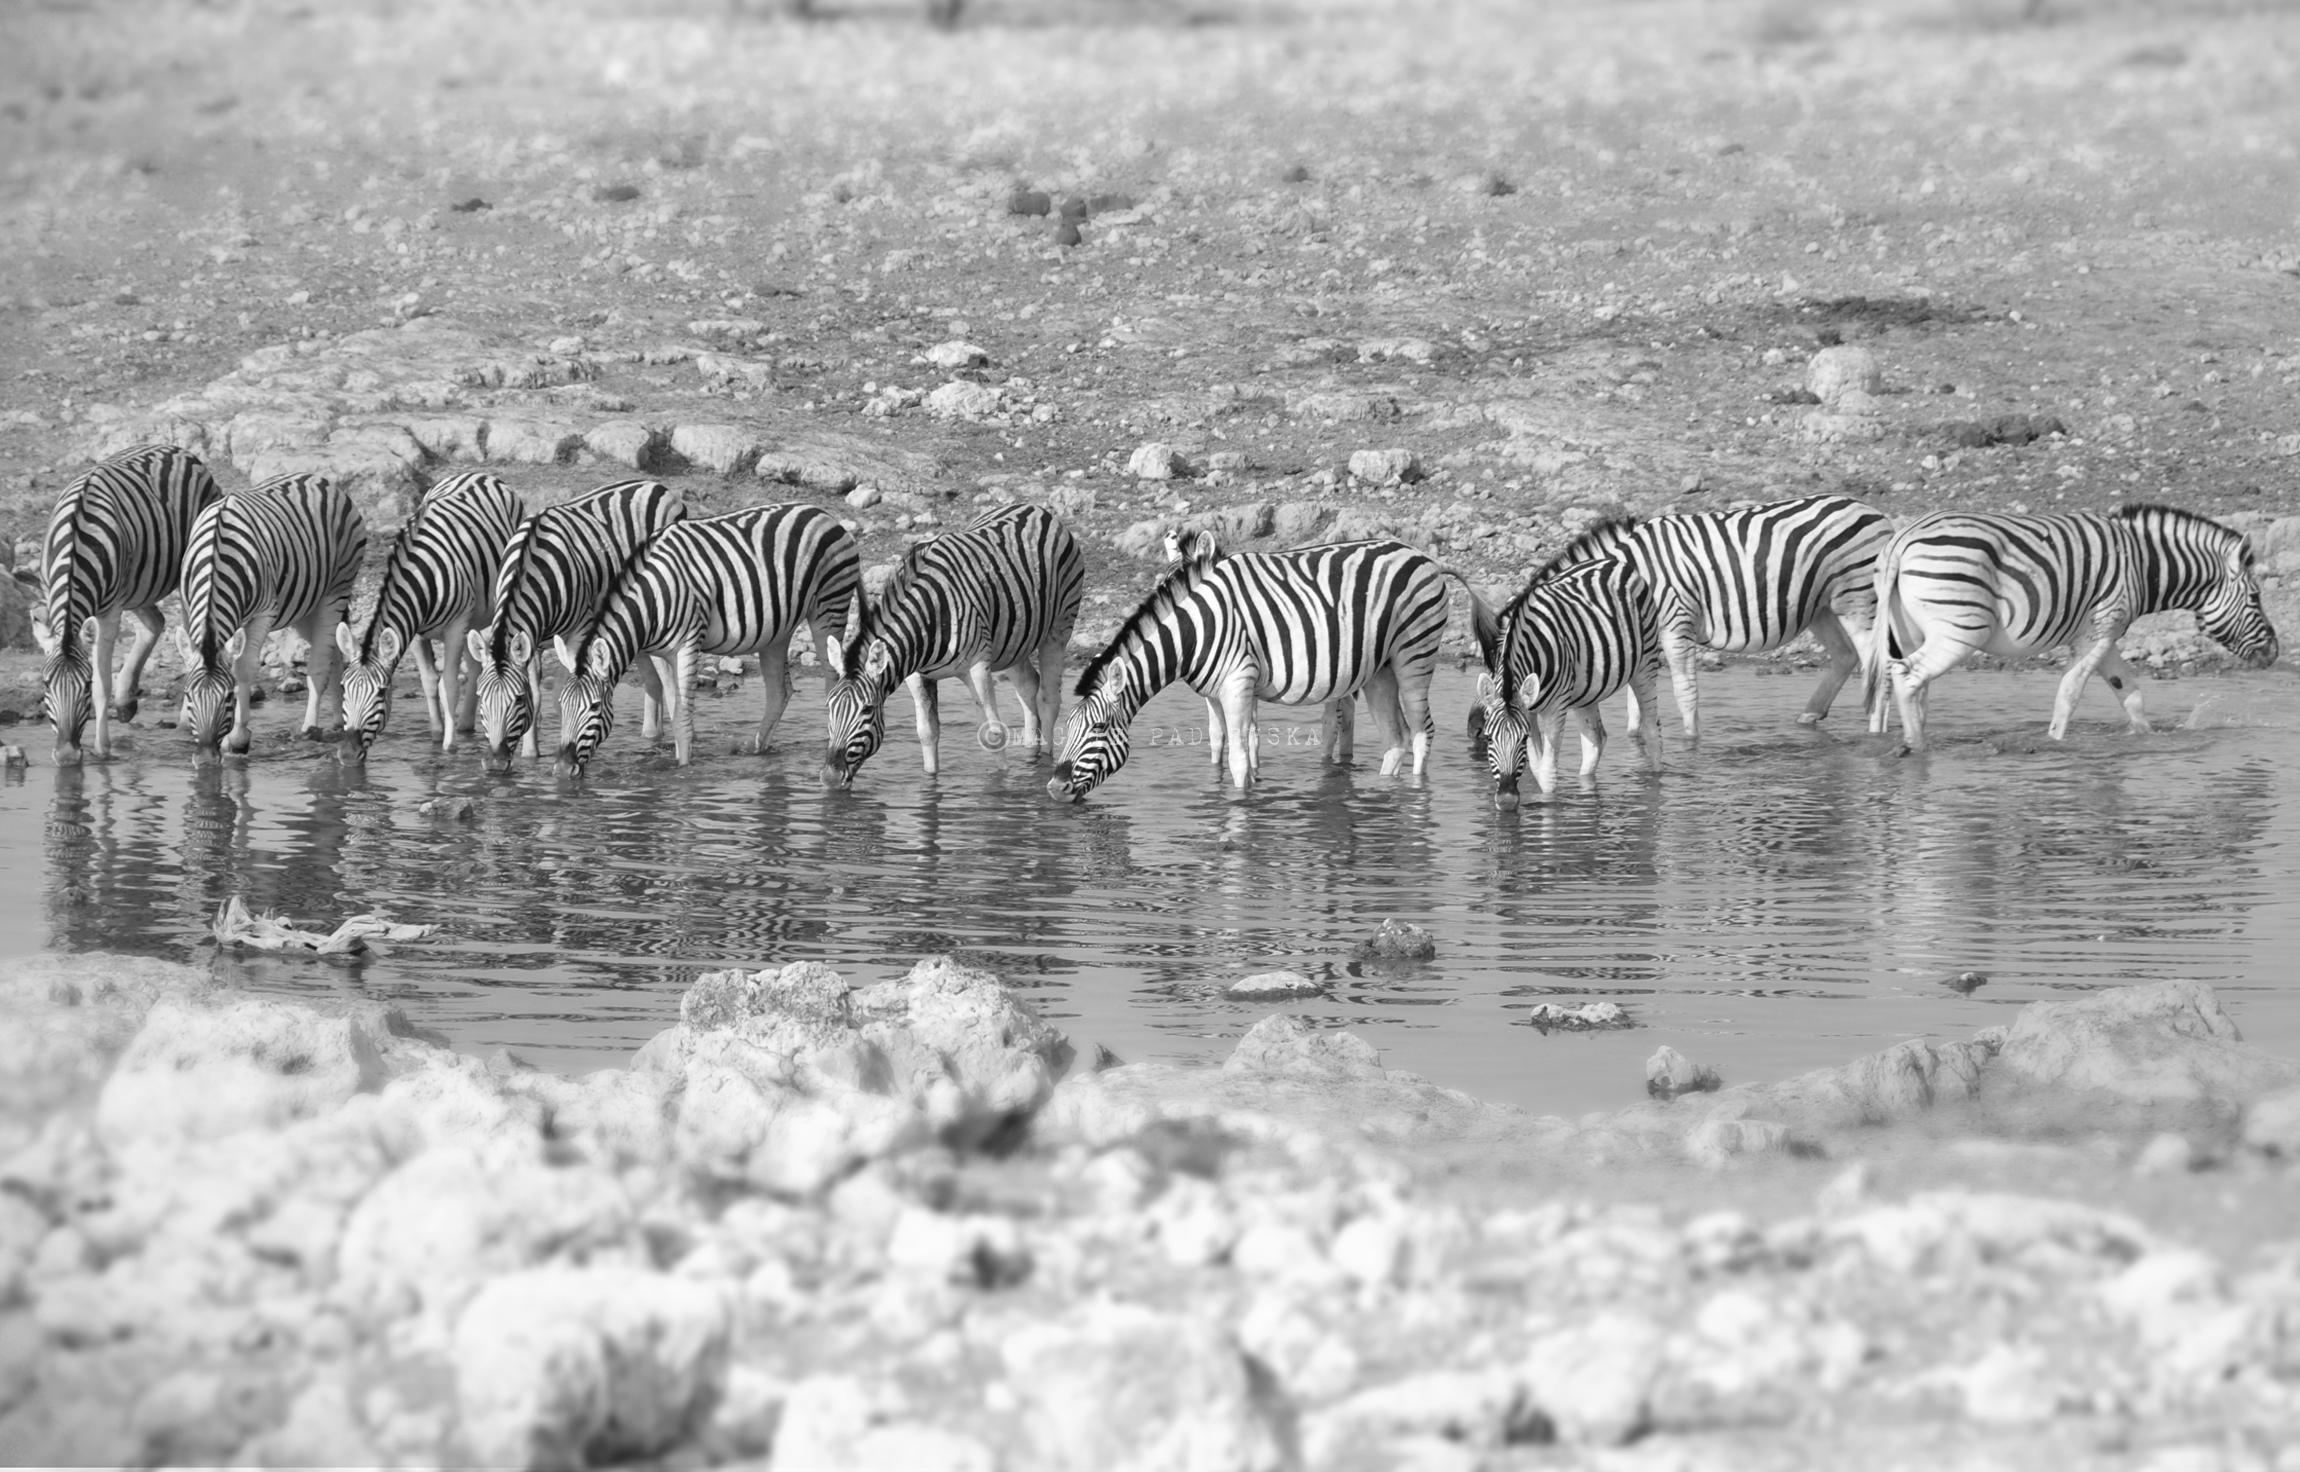 PADLEWSKA-Zebras